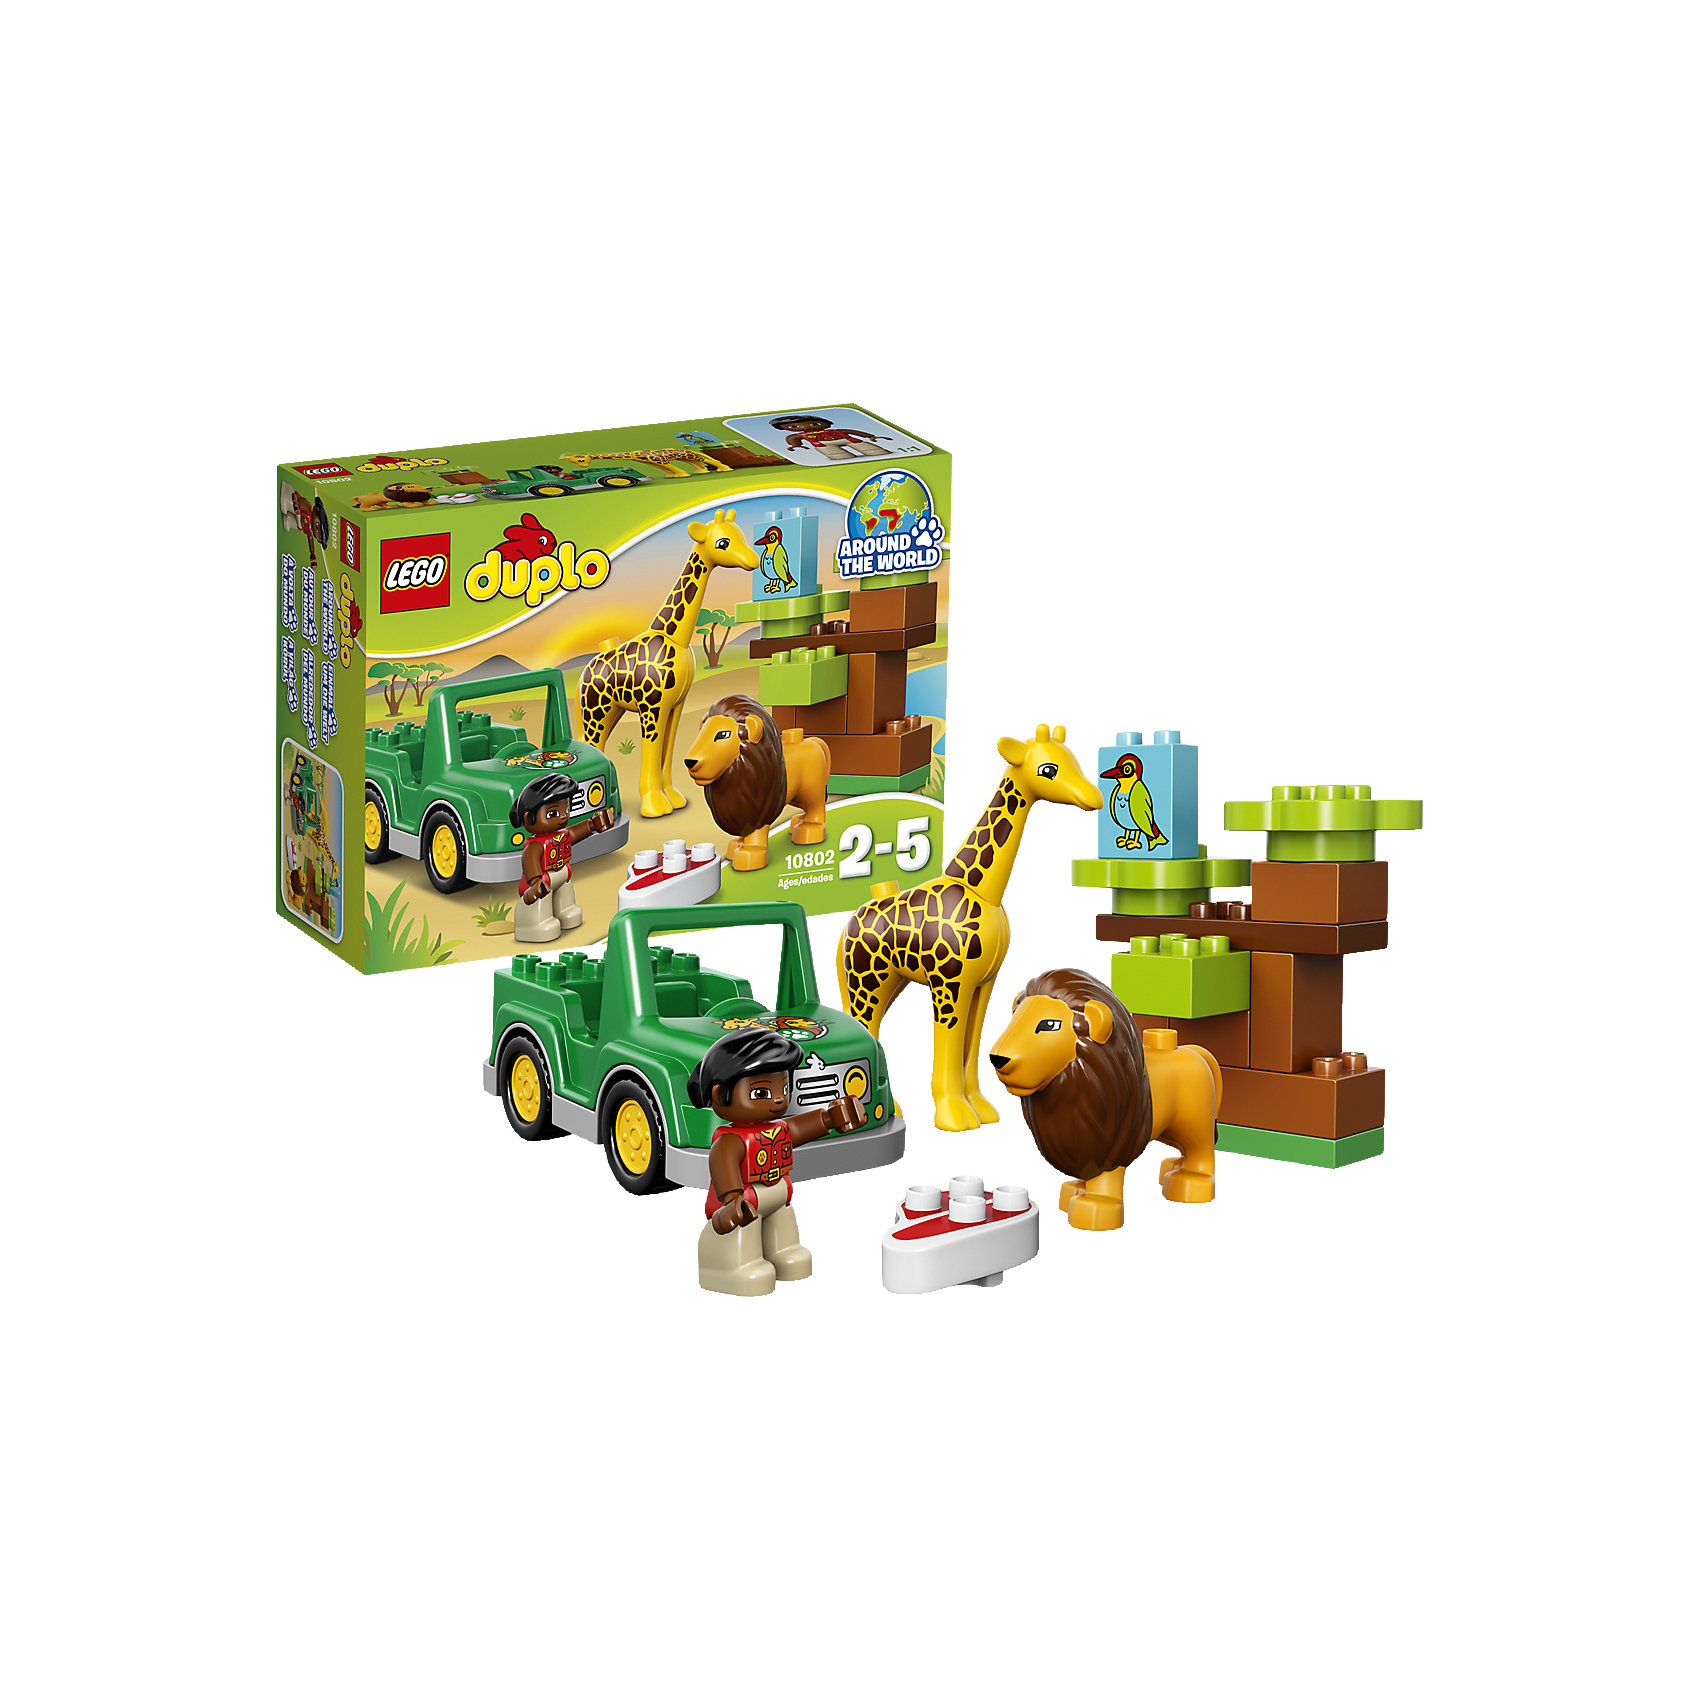 LEGO DUPLO 10802: Вокруг света: АфрикаLEGO DUPLO (ЛЕГО Дупло) 10802: Вокруг света: Африка непременно заинтересует любознательных малышей. Вашему ребенку предстоит отправиться в увлекательное путешествие в жаркую Африку и познакомиться с местными обитателями - забавным жирафом и добродушным львом. Симпатичная смотрительница заповедника внимательно следит за здоровьем своих питомцев и каждый день отправляется на джипе проведать их. Сборное дерево с блоком-птичкой развивают основные навыки конструирования и создает ландшафт для веселых игр и приключений.<br><br>ЛЕГО Дупло - серия конструкторов для малышей, которую отличают крупные яркие детали со скругленными безопасными углами и многообразие игровых сюжетов, это и животные, и растения, и машинки, и сказочные персонажи. <br><br>Дополнительная информация:<br><br>- Игра с конструктором LEGO (ЛЕГО) развивает мелкую моторику ребенка, фантазию и воображение, учит его усидчивости и внимательности.<br>- Количество деталей: 18.<br>- Количество минифигур: 3 (смотрительница, лев, жираф).<br>- Серия: LEGO DUPLO (ЛЕГО Дупло). <br>- Материал: пластик.<br>- Размер упаковки: 26 х 9 х 19 см.<br>- Вес: 0,48 кг.<br><br>Конструктор LEGO DUPLO (ЛЕГО Дупло) 10802: Вокруг света: Африка можно купить в нашем интернет-магазине.<br><br>Ширина мм: 263<br>Глубина мм: 190<br>Высота мм: 91<br>Вес г: 472<br>Возраст от месяцев: 24<br>Возраст до месяцев: 60<br>Пол: Унисекс<br>Возраст: Детский<br>SKU: 4259170